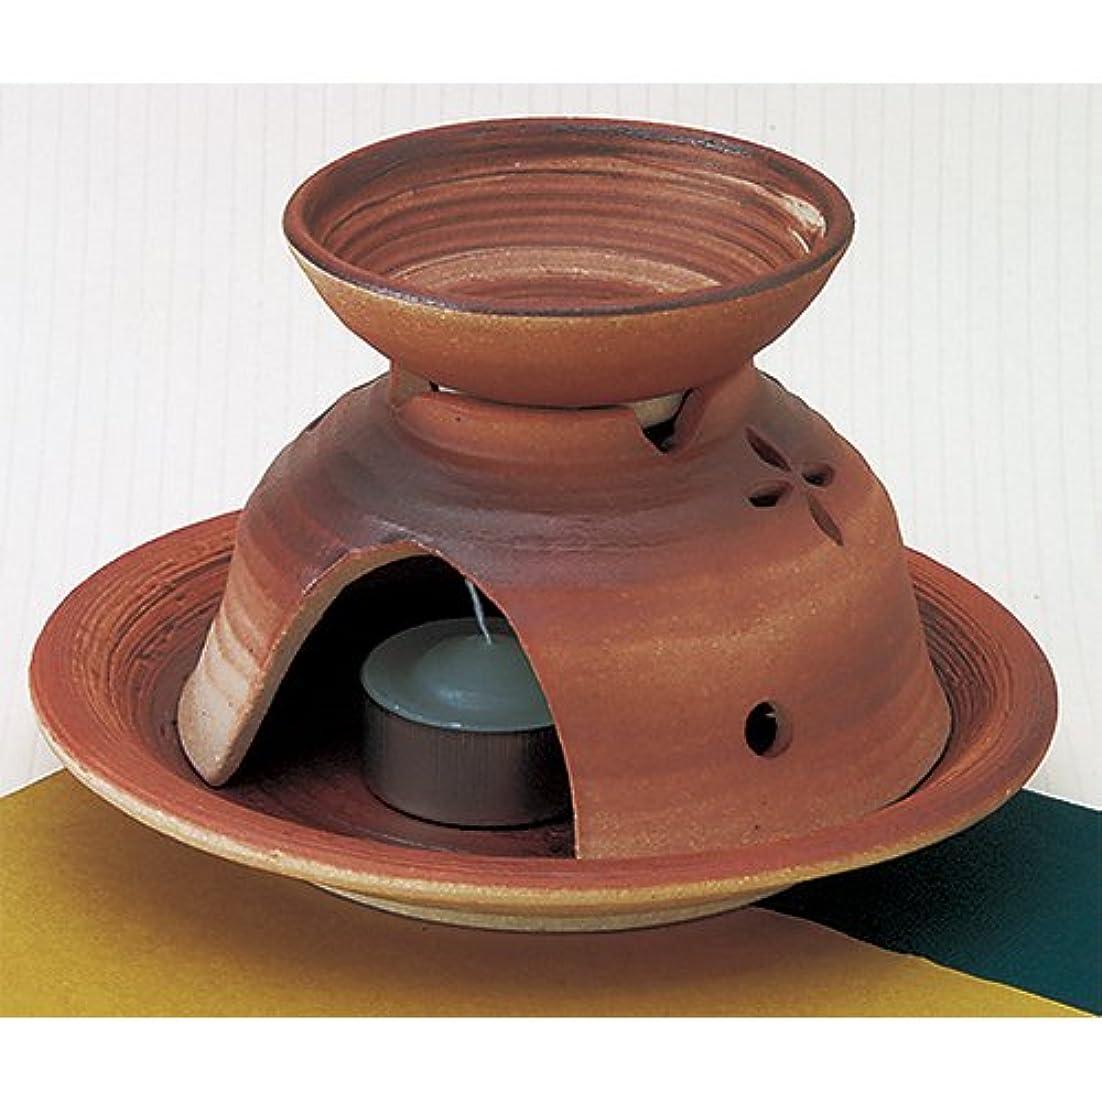 魔術師ペチュランス繁殖香炉 花抜き 茶香炉 [R15xH9.5cm] HANDMADE プレゼント ギフト 和食器 かわいい インテリア